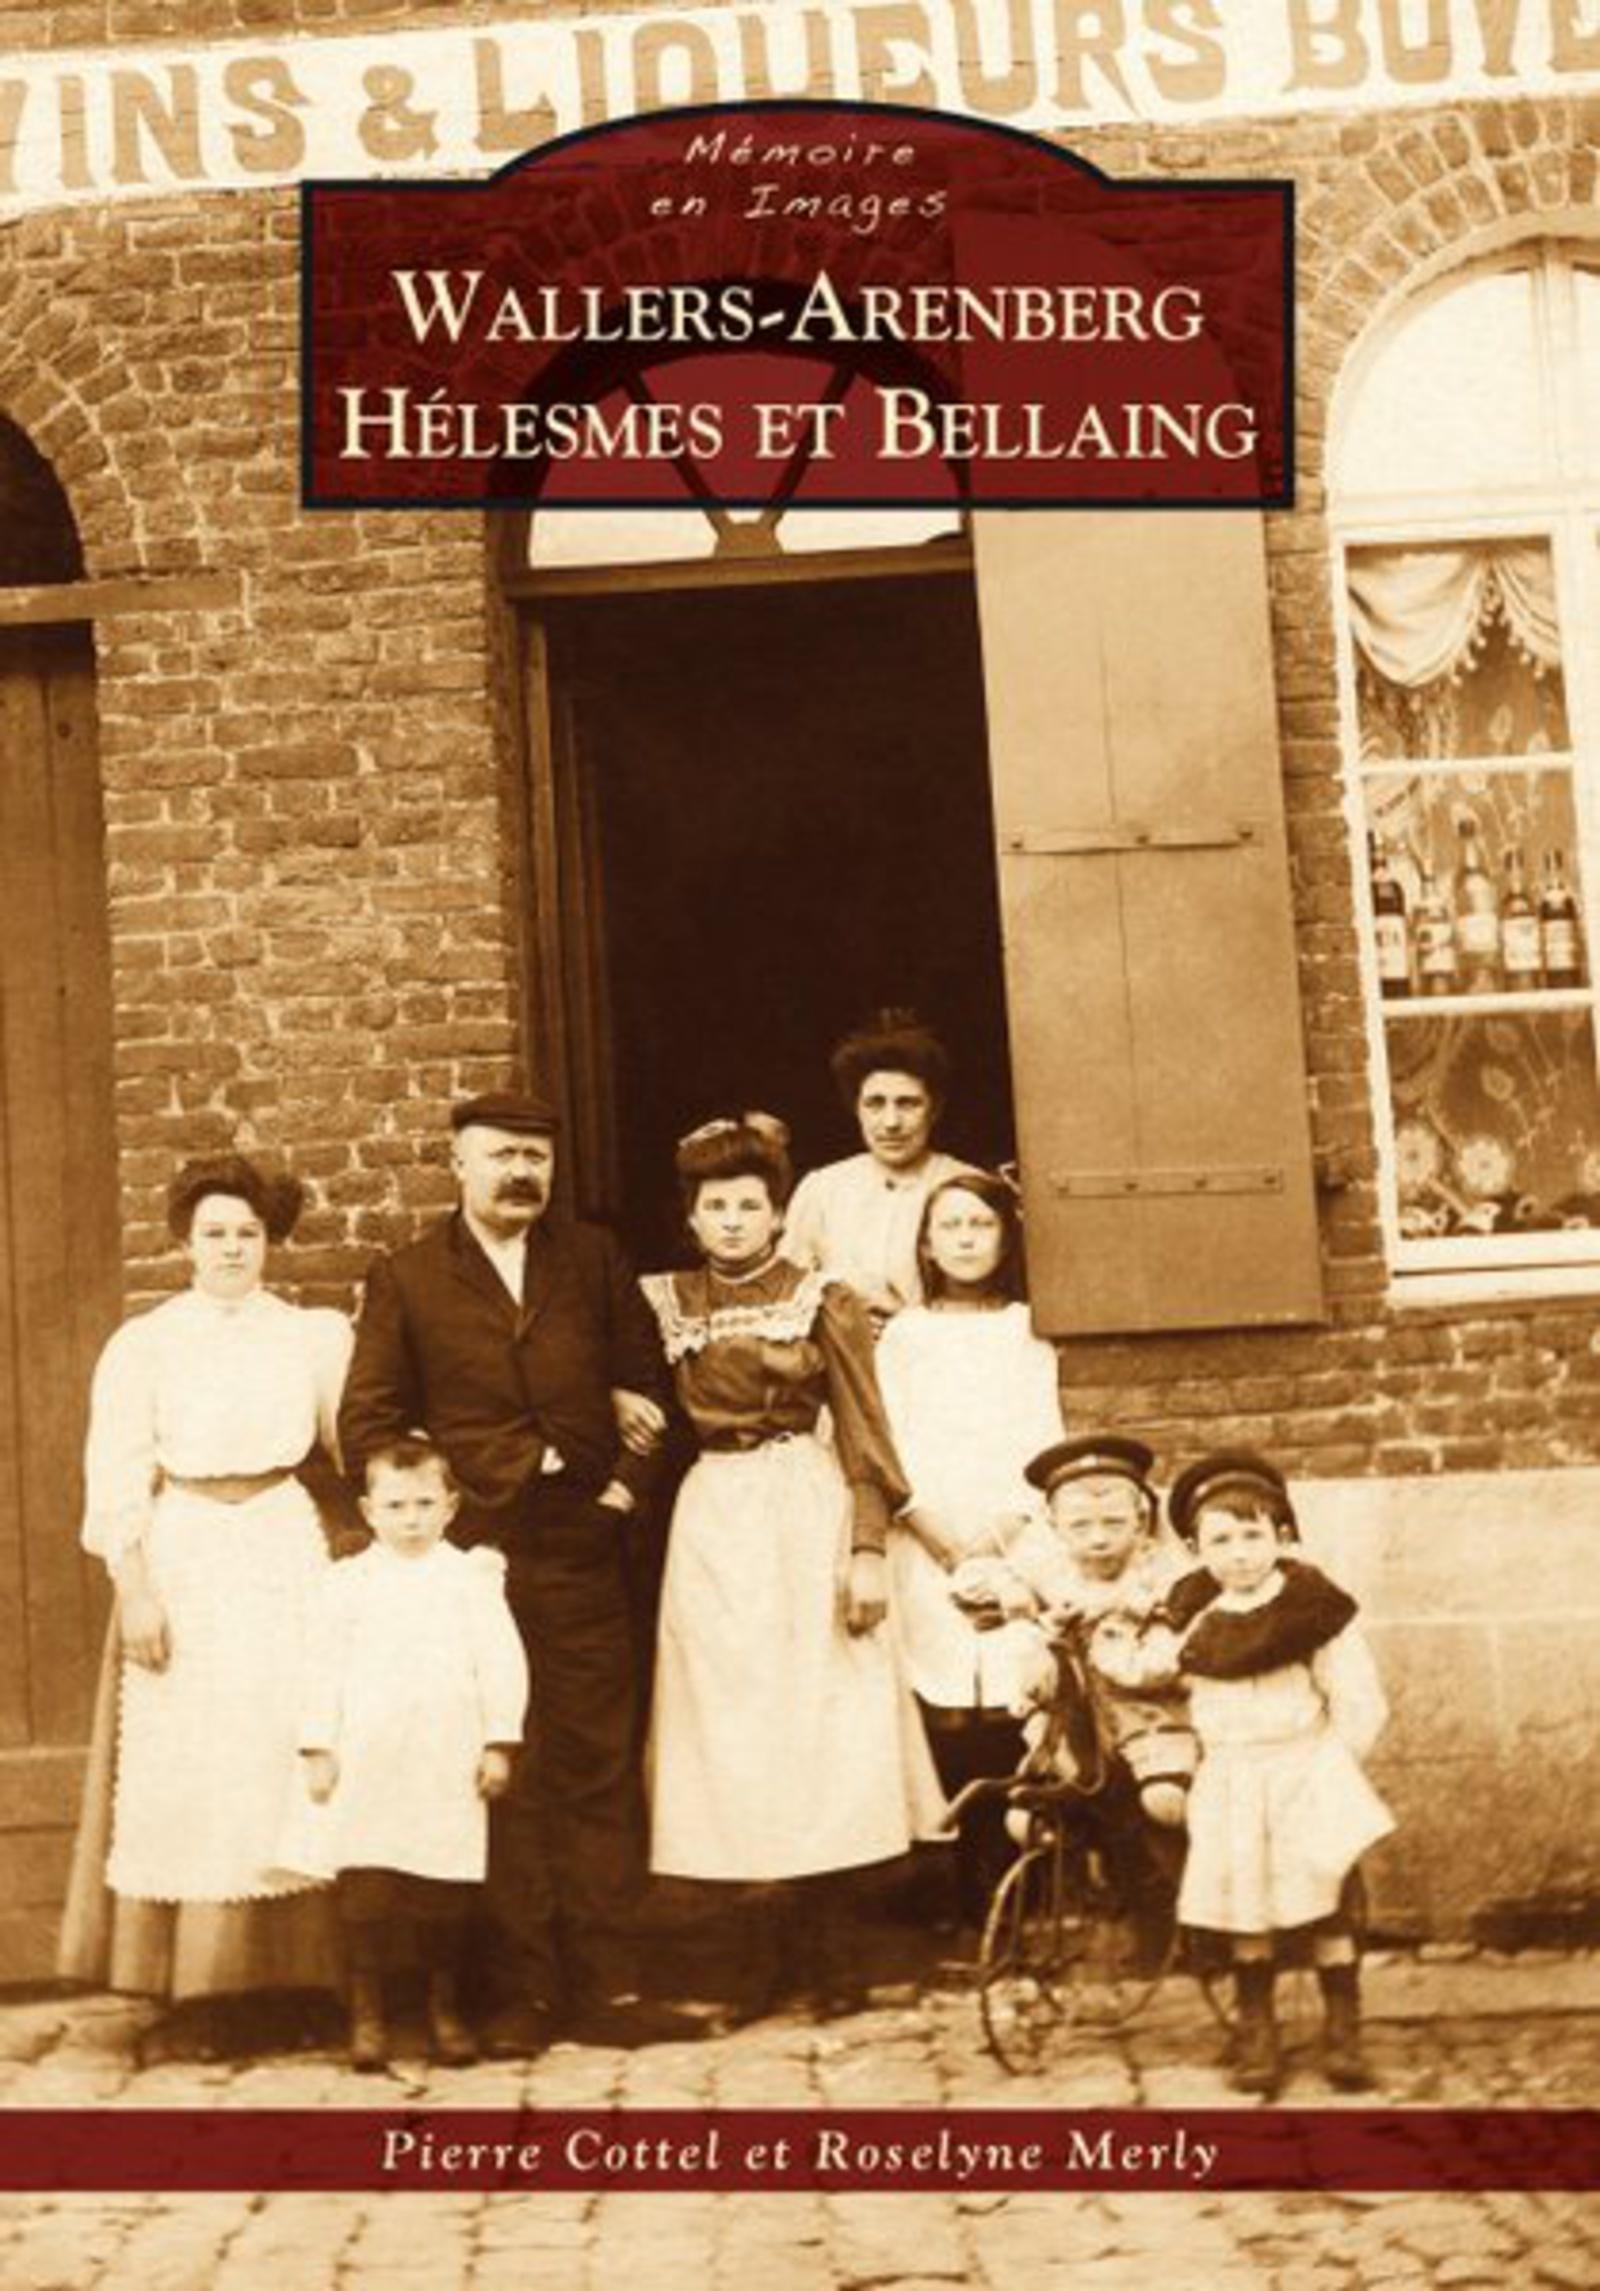 WALLERS-ARENBERG, HELESMES ET BELLAING